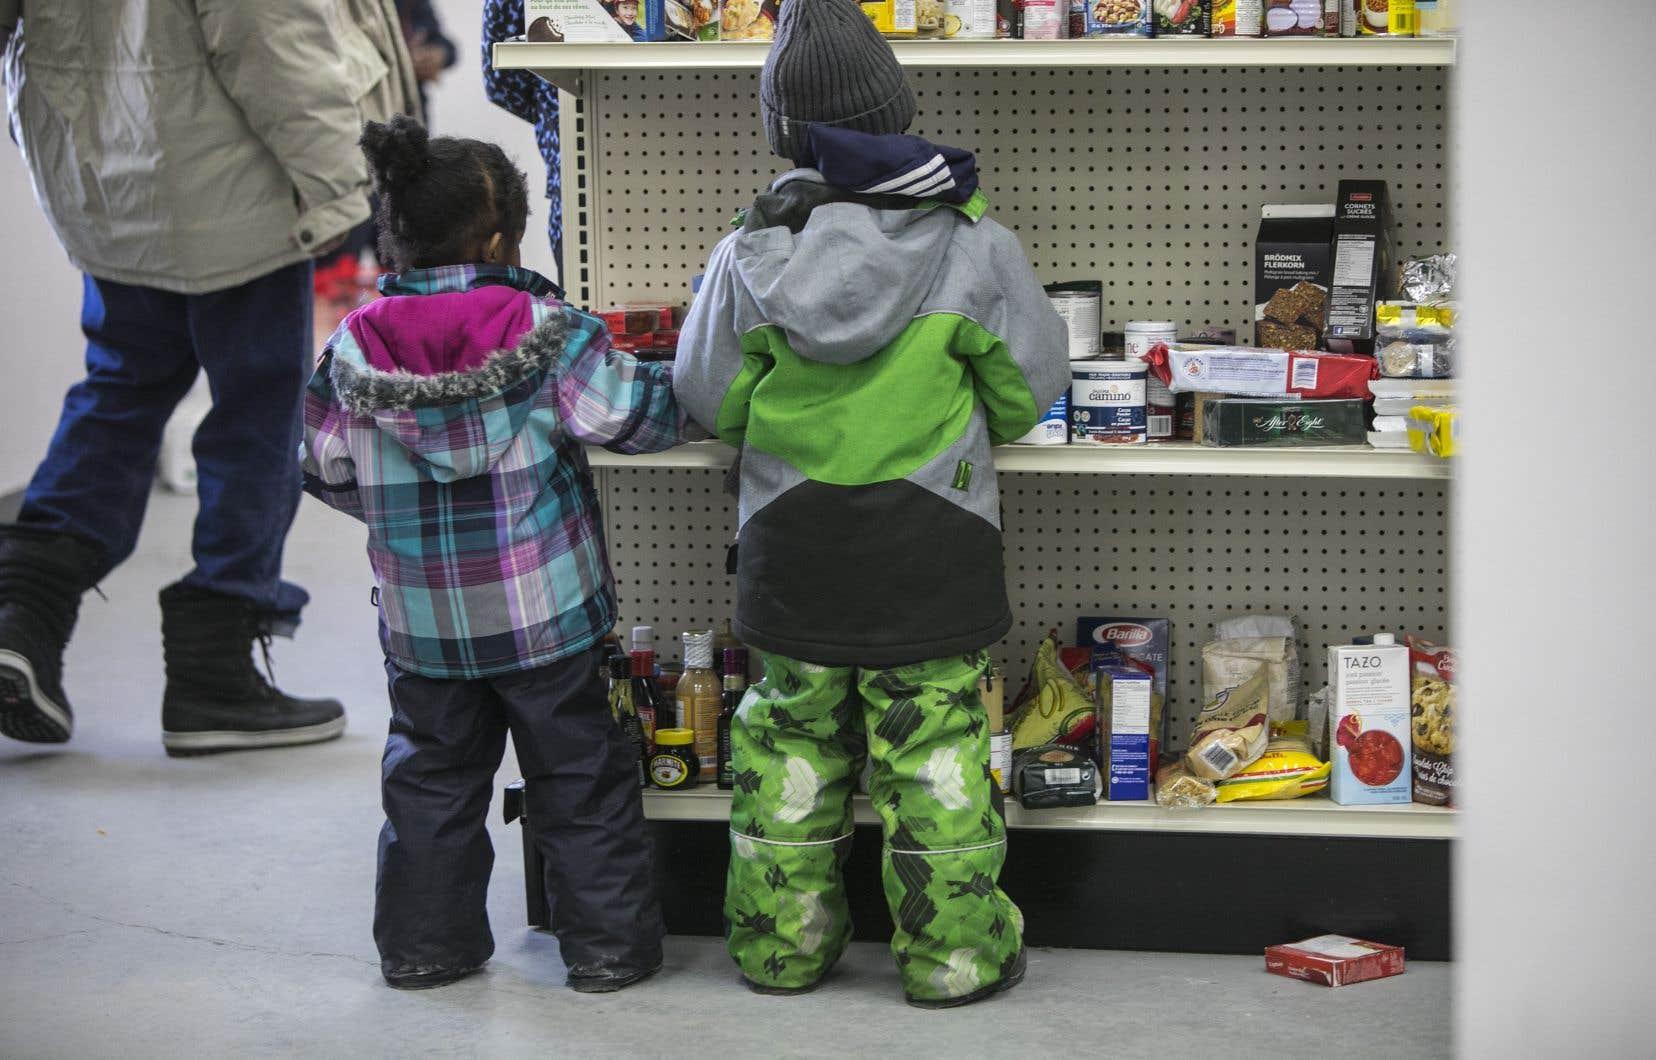 <p>Les enfants totalisent 35,2% des personnes ayant recours aux banques alimentaires alors qu'ils ne représentent que 20% de la population.</p>